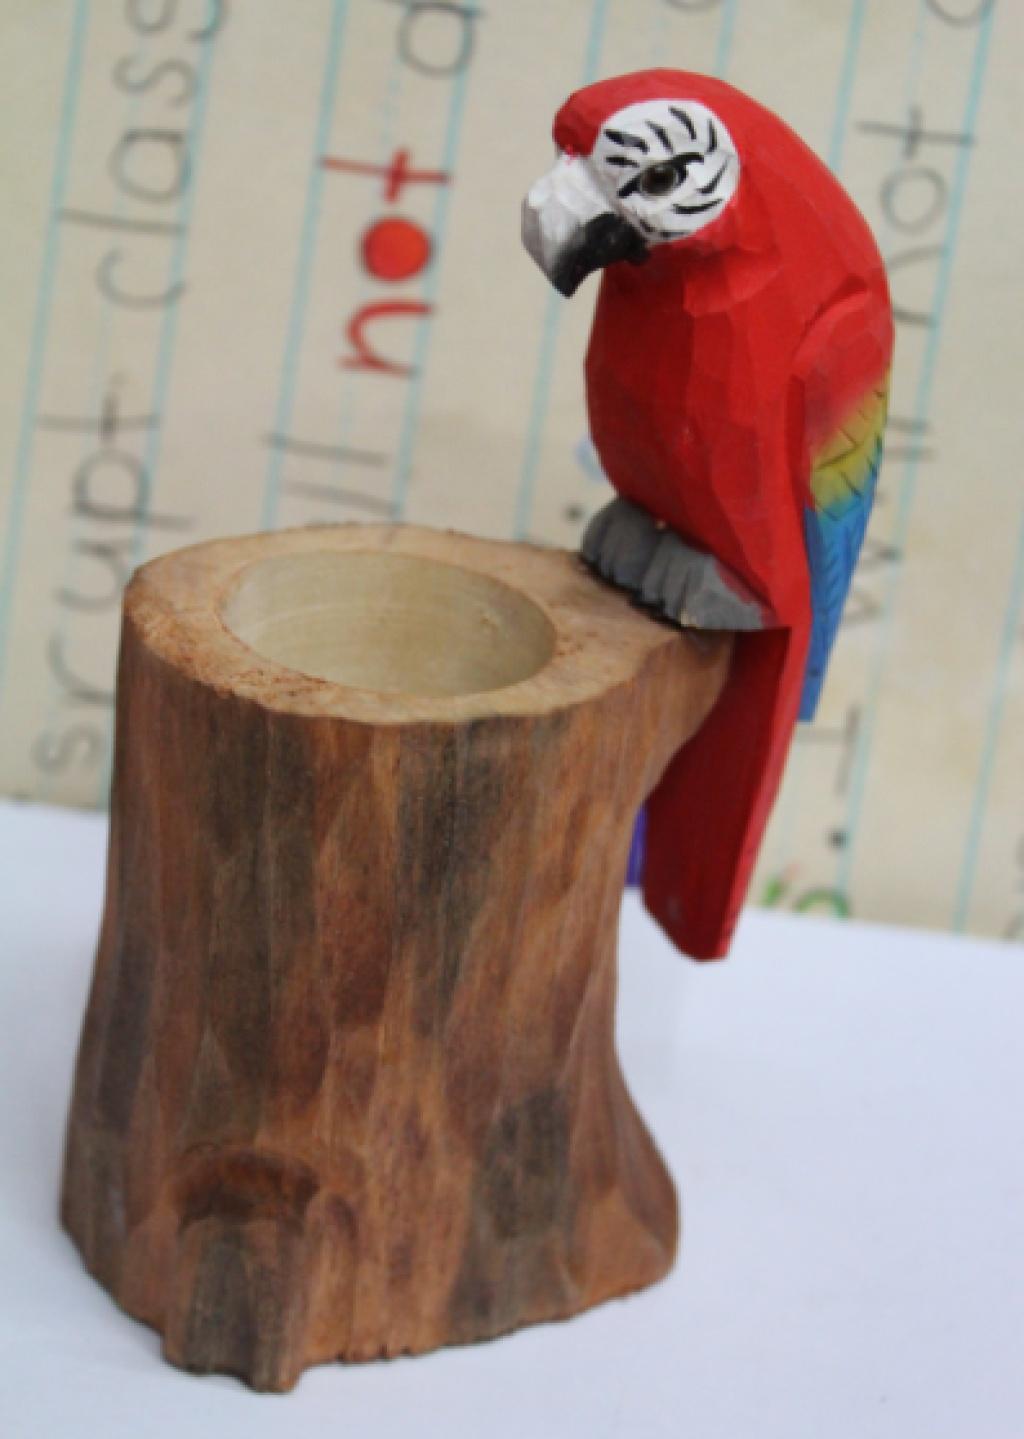 卡通工艺动物笔筒 装饰摆设笔筒 手工雕刻木头笔筒 小鸟